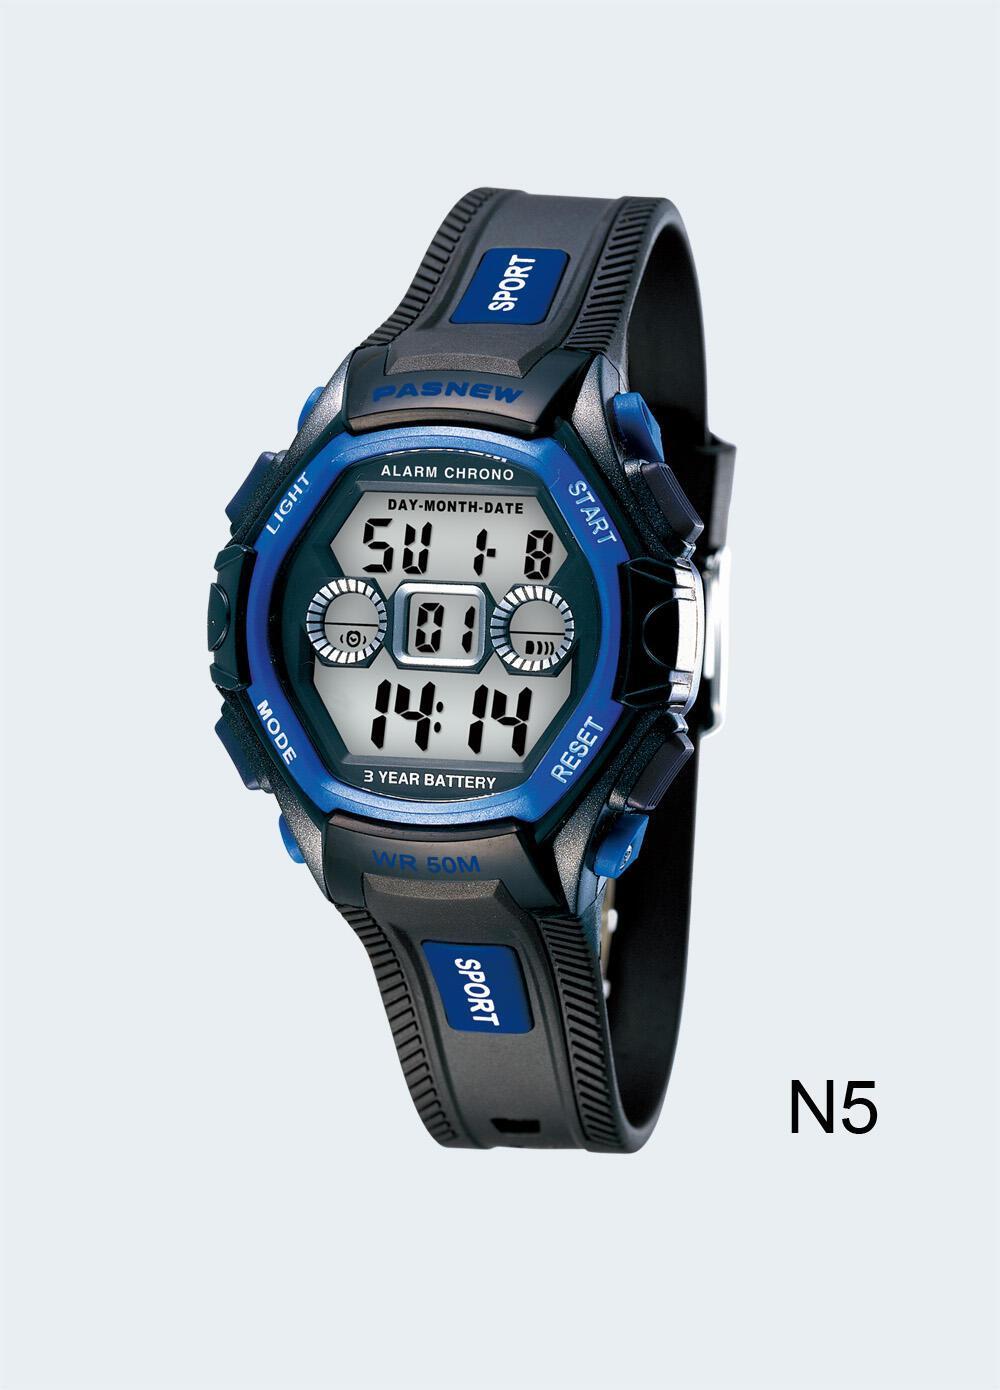 Đồng hồ thể thao điện tử PASNEW PSE-251B